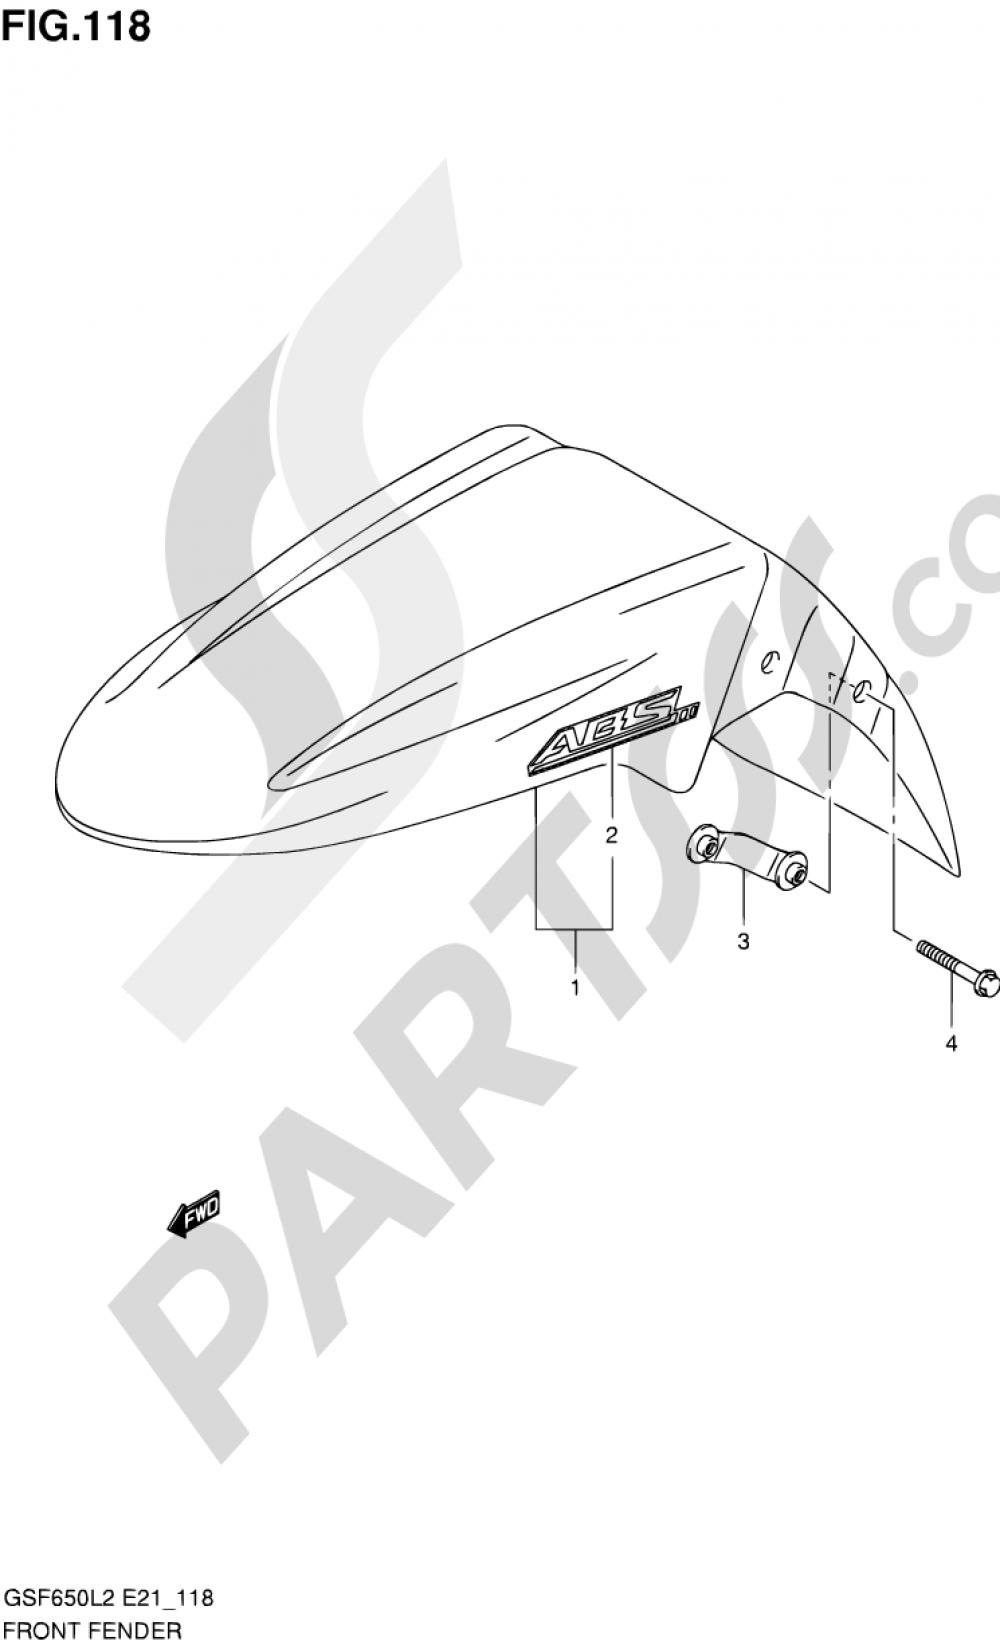 118 - FRONT FENDER (GSF650SUAL2 E21) Suzuki BANDIT GSF650SA 2012